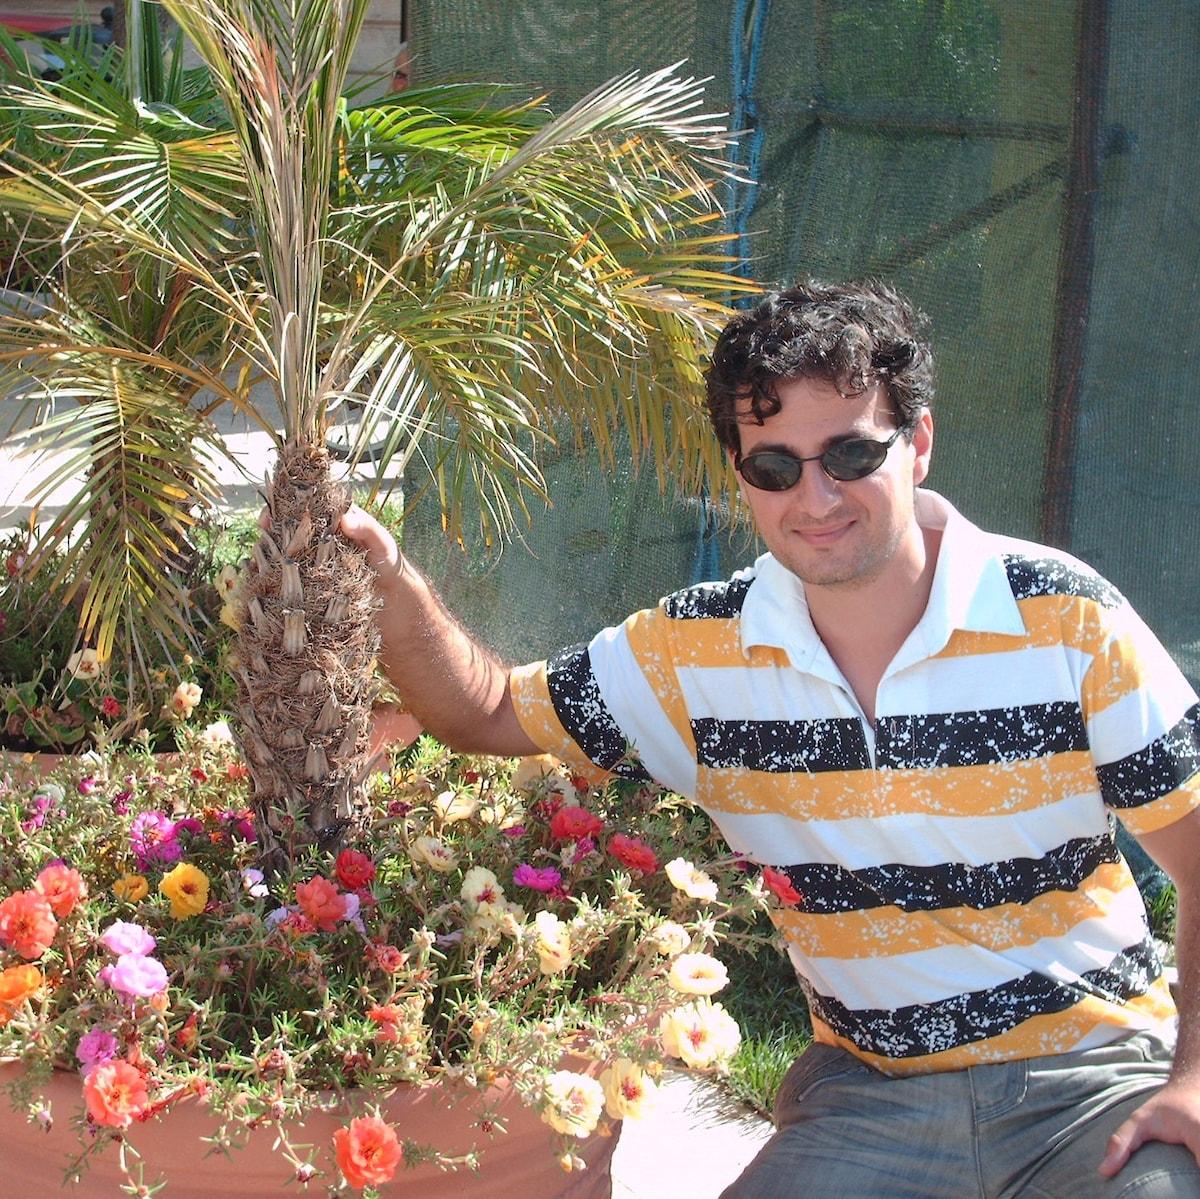 Fernando from Patù